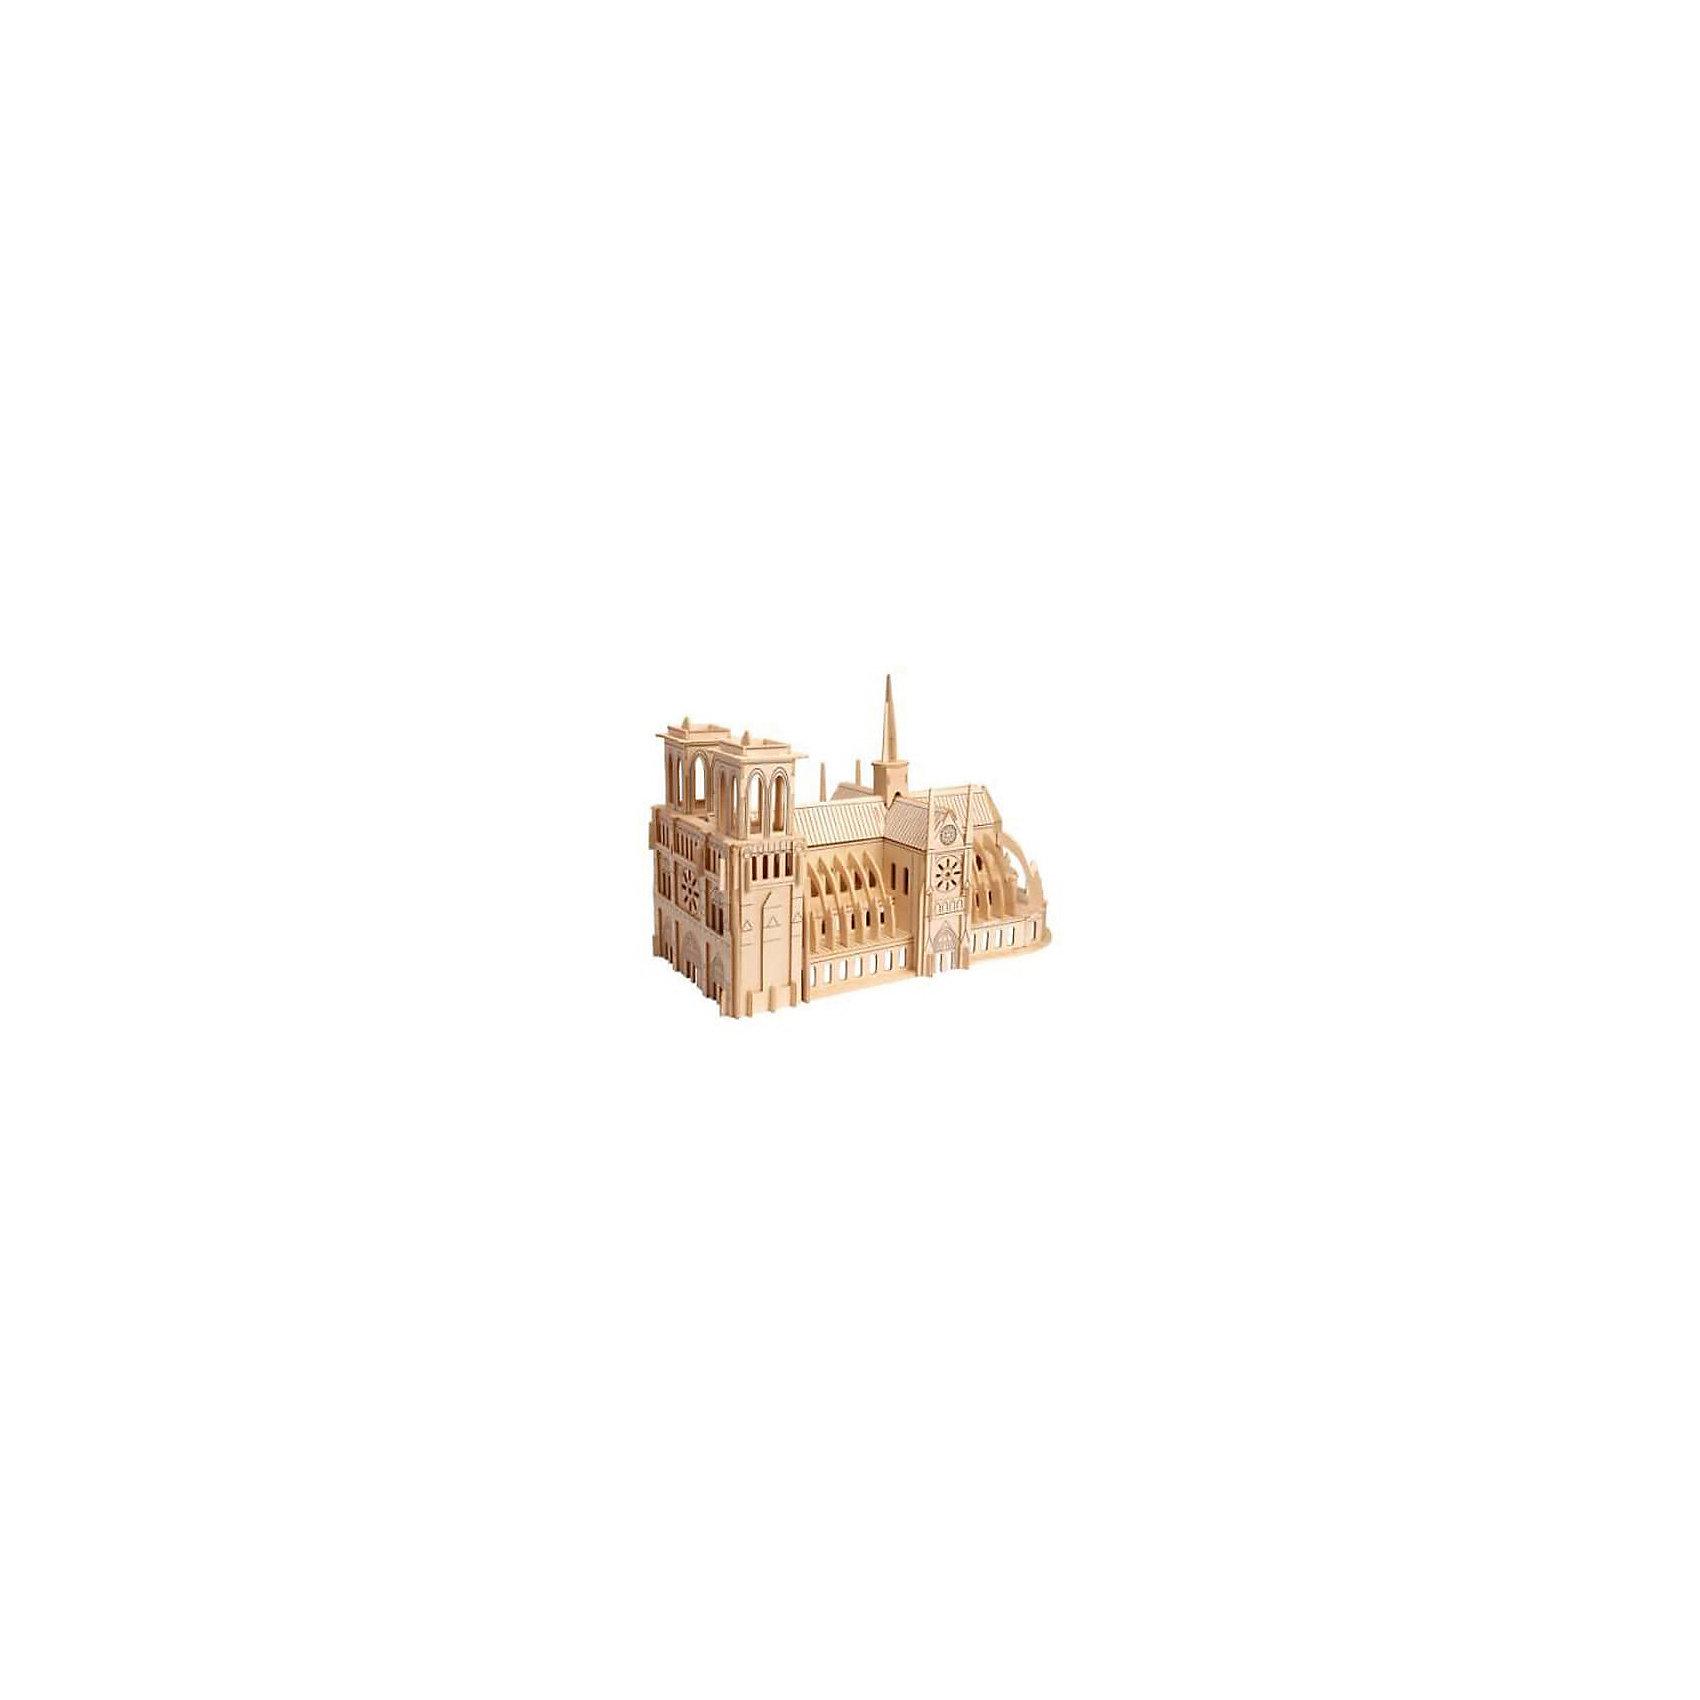 Нотр Дам де Парис, Мир деревянных игрушекОтличный вариант подарка для любящего архитектуру творческого ребенка - этот набор, из которого можно самому сделать красивую деревянную фигуру! Для этого нужно выдавить из пластины с деталями элементы для сборки и соединить их. Из наборов получаются красивые очень реалистичные игрушки, которые могут стать украшением комнаты.<br>Собирая их, ребенок будет развивать пространственное мышление, память и мелкую моторику. А раскрашивая готовое произведение, дети научатся подбирать цвета и будут развивать художественные навыки. Этот набор произведен из качественных и безопасных для детей материалов - дерево тщательно обработано.<br><br>Дополнительная информация:<br><br>материал: дерево;<br>цвет: бежевый;<br>элементы: пластины с деталями для сборки, схема сборки;<br>размер упаковки: 23 х 18 см.<br><br>3D-пазл Нотр Дам де Парис от бренда Мир деревянных игрушек можно купить в нашем магазине.<br><br>Ширина мм: 350<br>Глубина мм: 50<br>Высота мм: 225<br>Вес г: 450<br>Возраст от месяцев: 36<br>Возраст до месяцев: 144<br>Пол: Унисекс<br>Возраст: Детский<br>SKU: 4969181